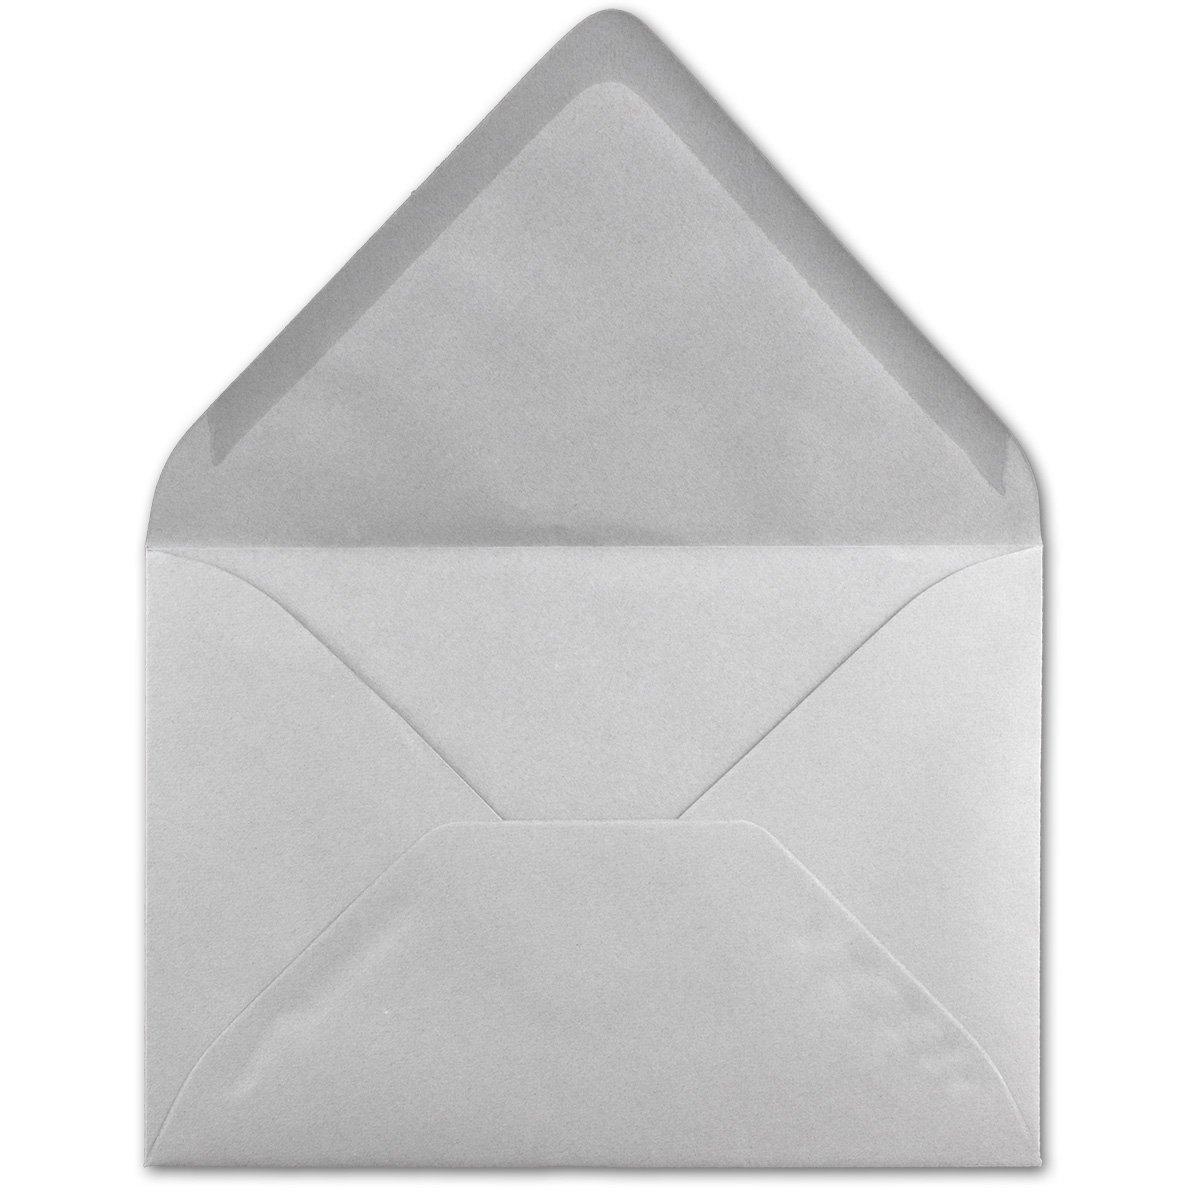 120 g//m/² Nassklebung Brief-H/üllen ohne Fenster f/ür Einladungen von Ihrem Gl/üxx-Agent 50 DIN C6 Briefumschl/äge Dunkelgr/ün 11,4 x 16,2 cm